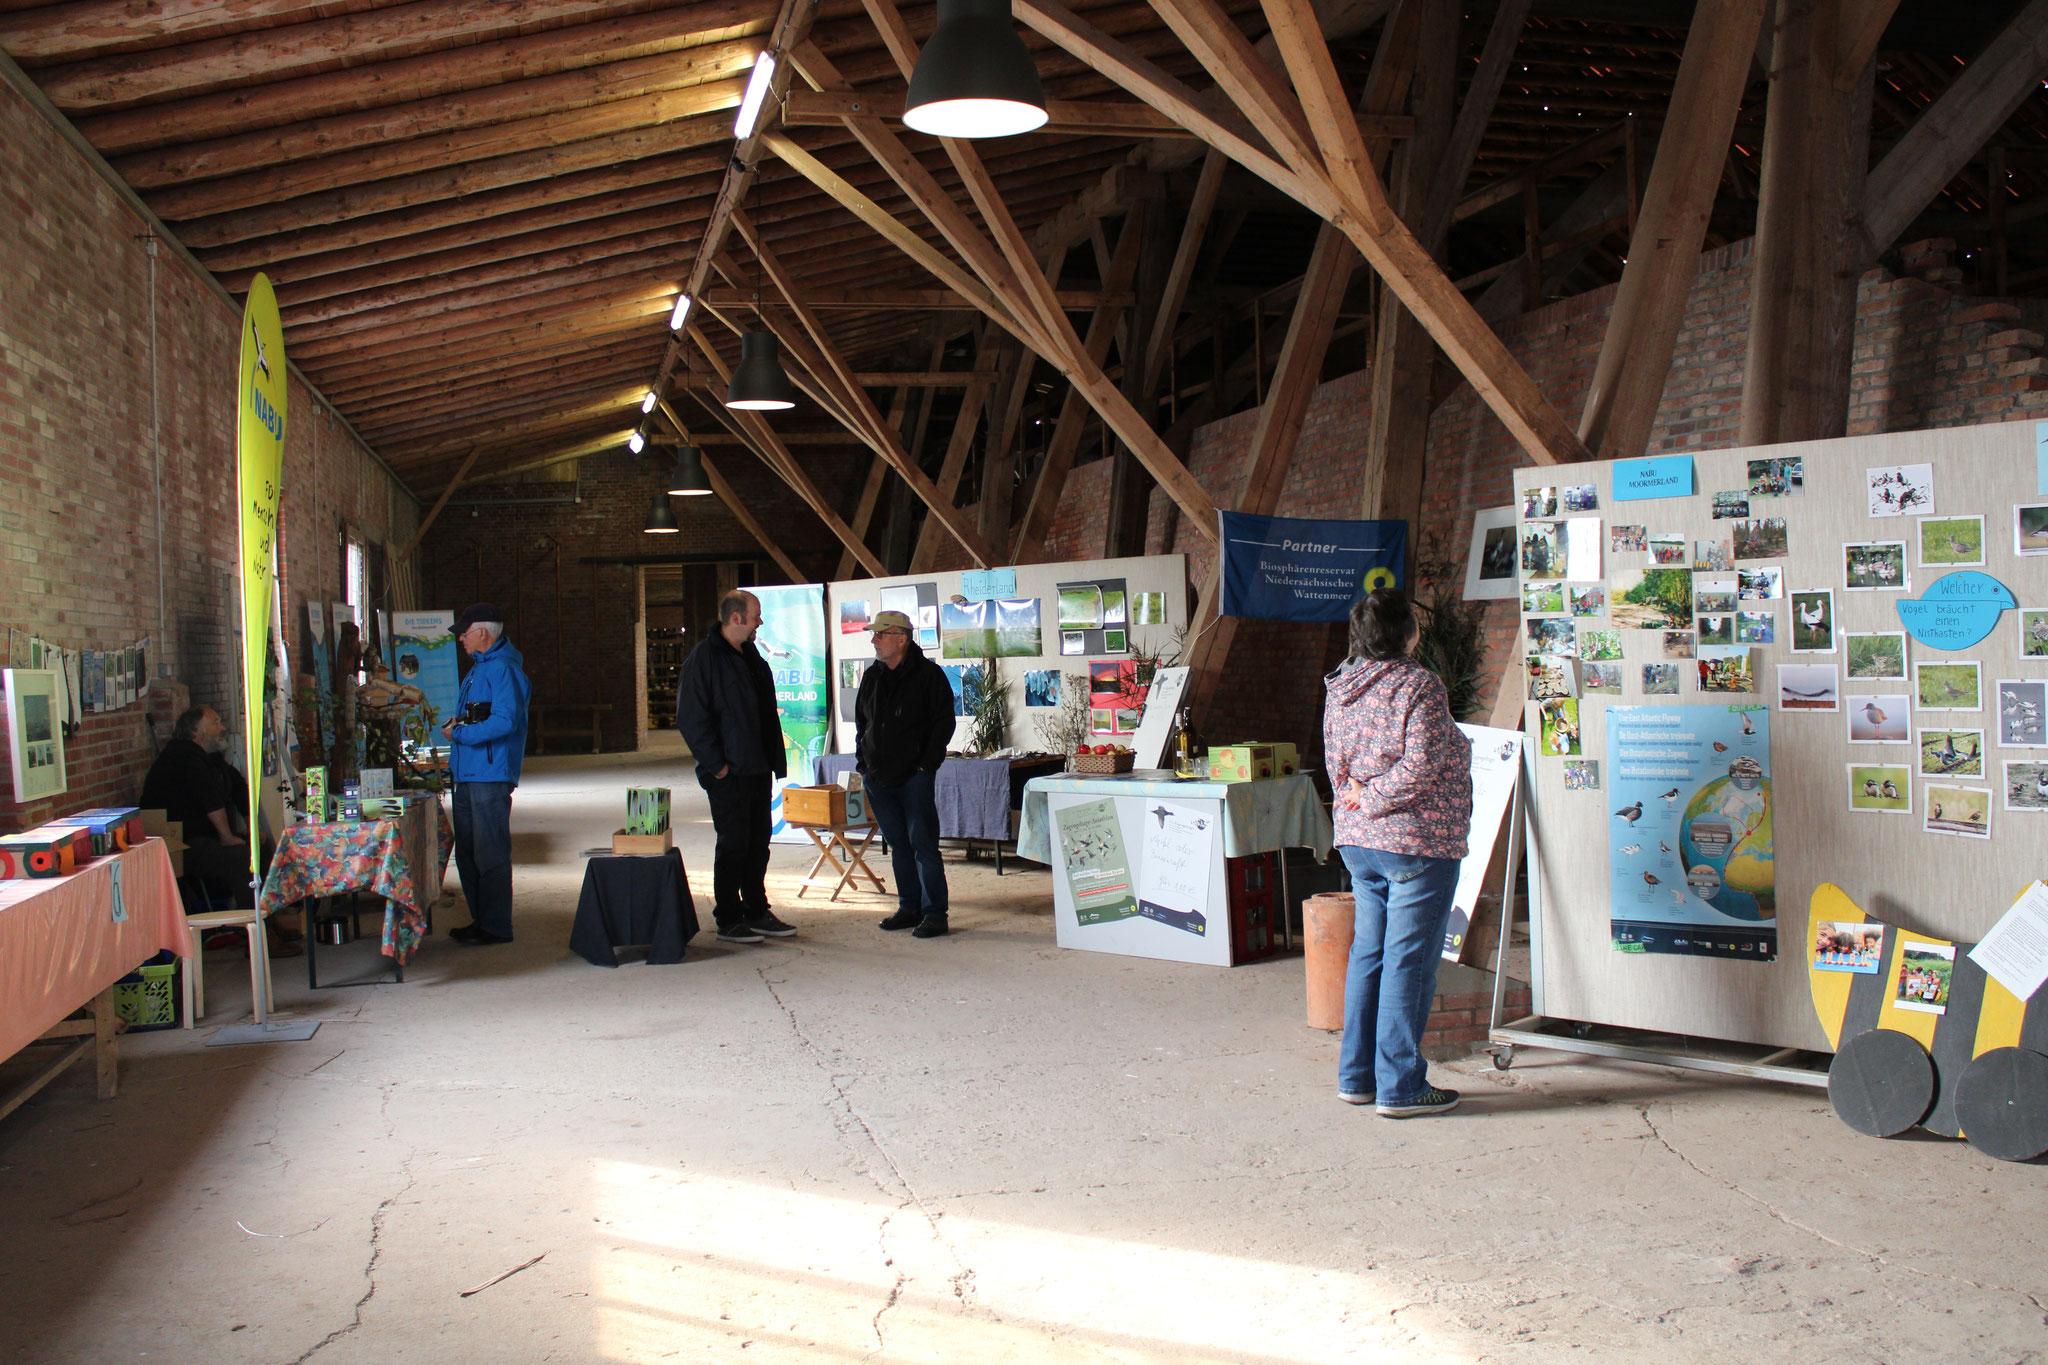 Das Ziegeleimuseum bietetden passenden Rahmen für jede Menge Informationen zum Naturschutz